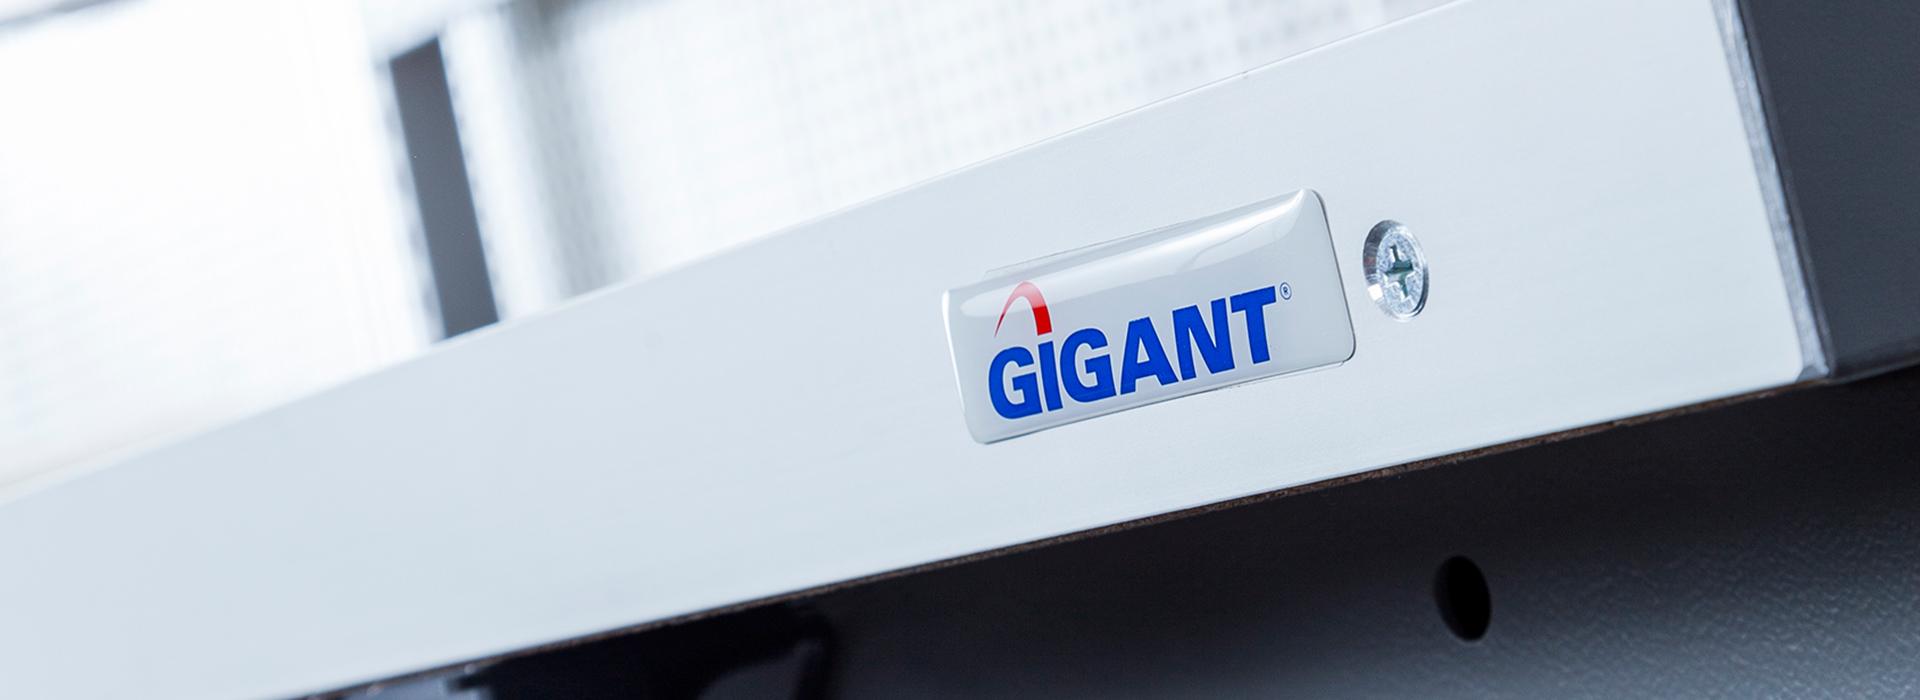 gigant_produkter